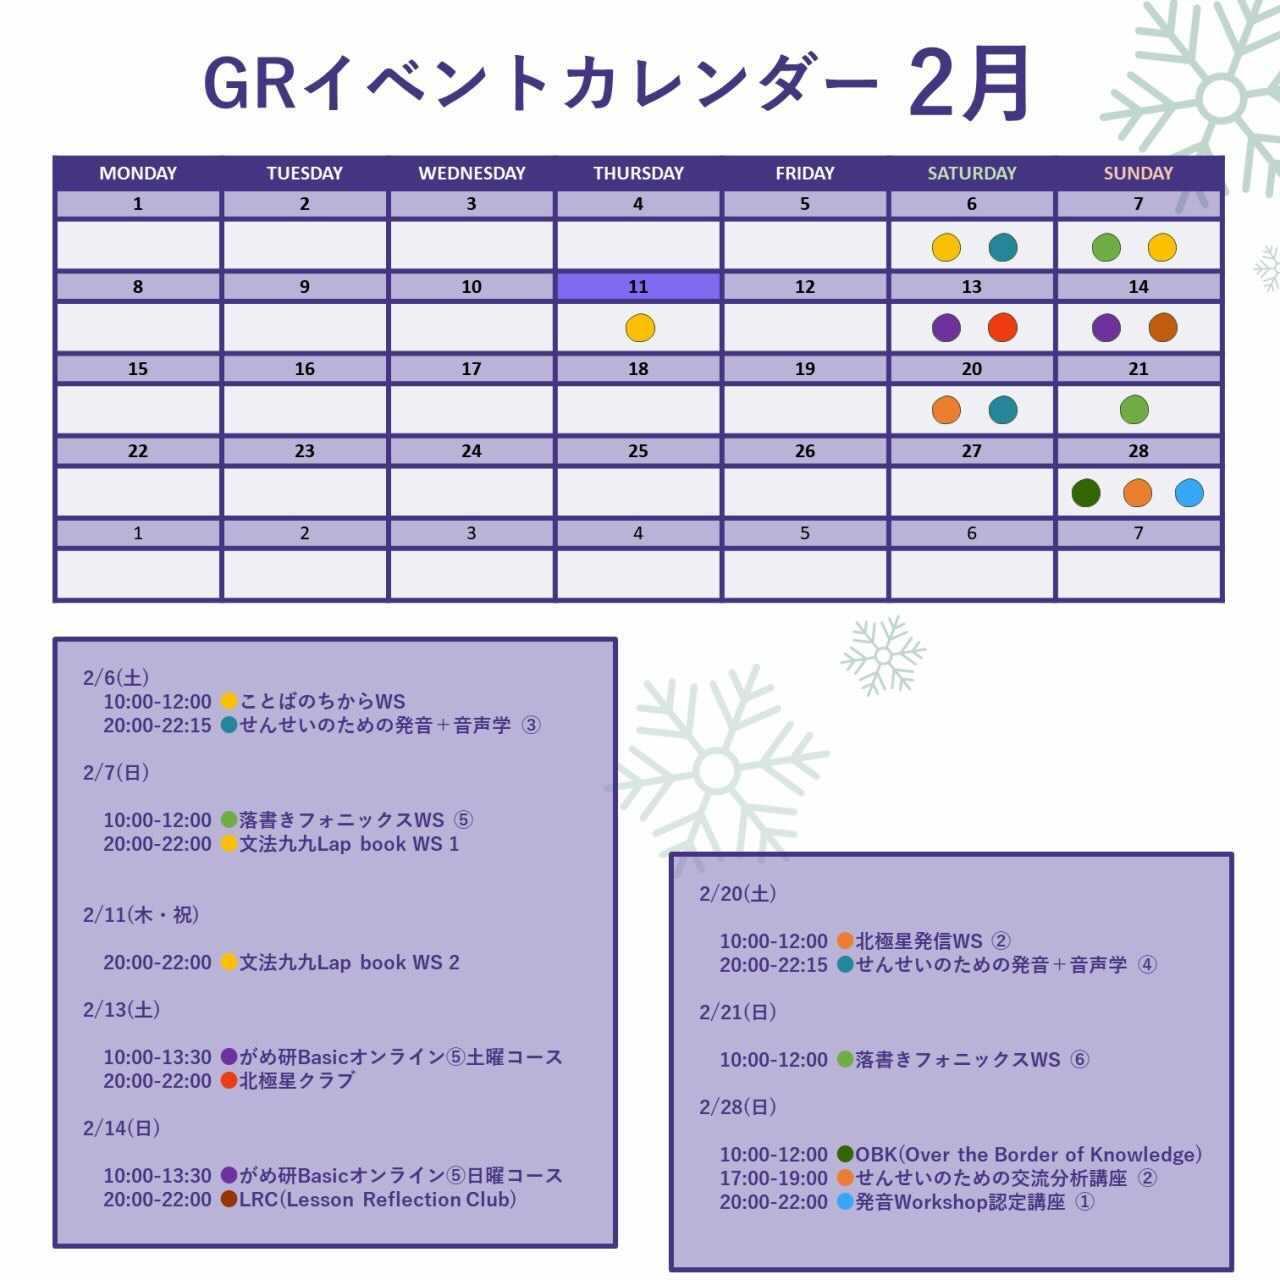 GRイベントカレンダー2月